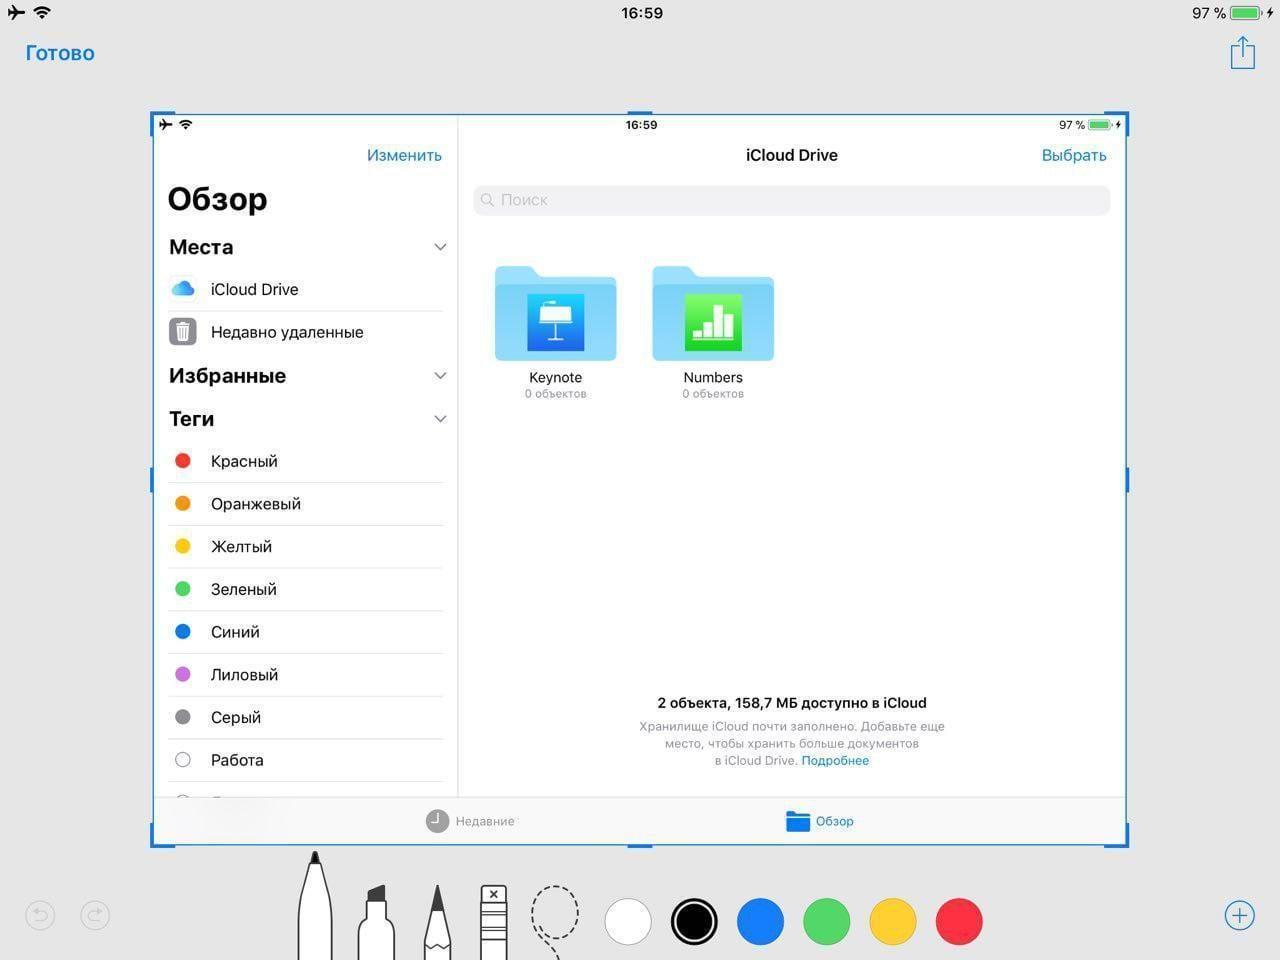 Новая надежда. Обзор Apple iOS 11 для iPad и iPhone (photo 2017 09 20 17 01 40)